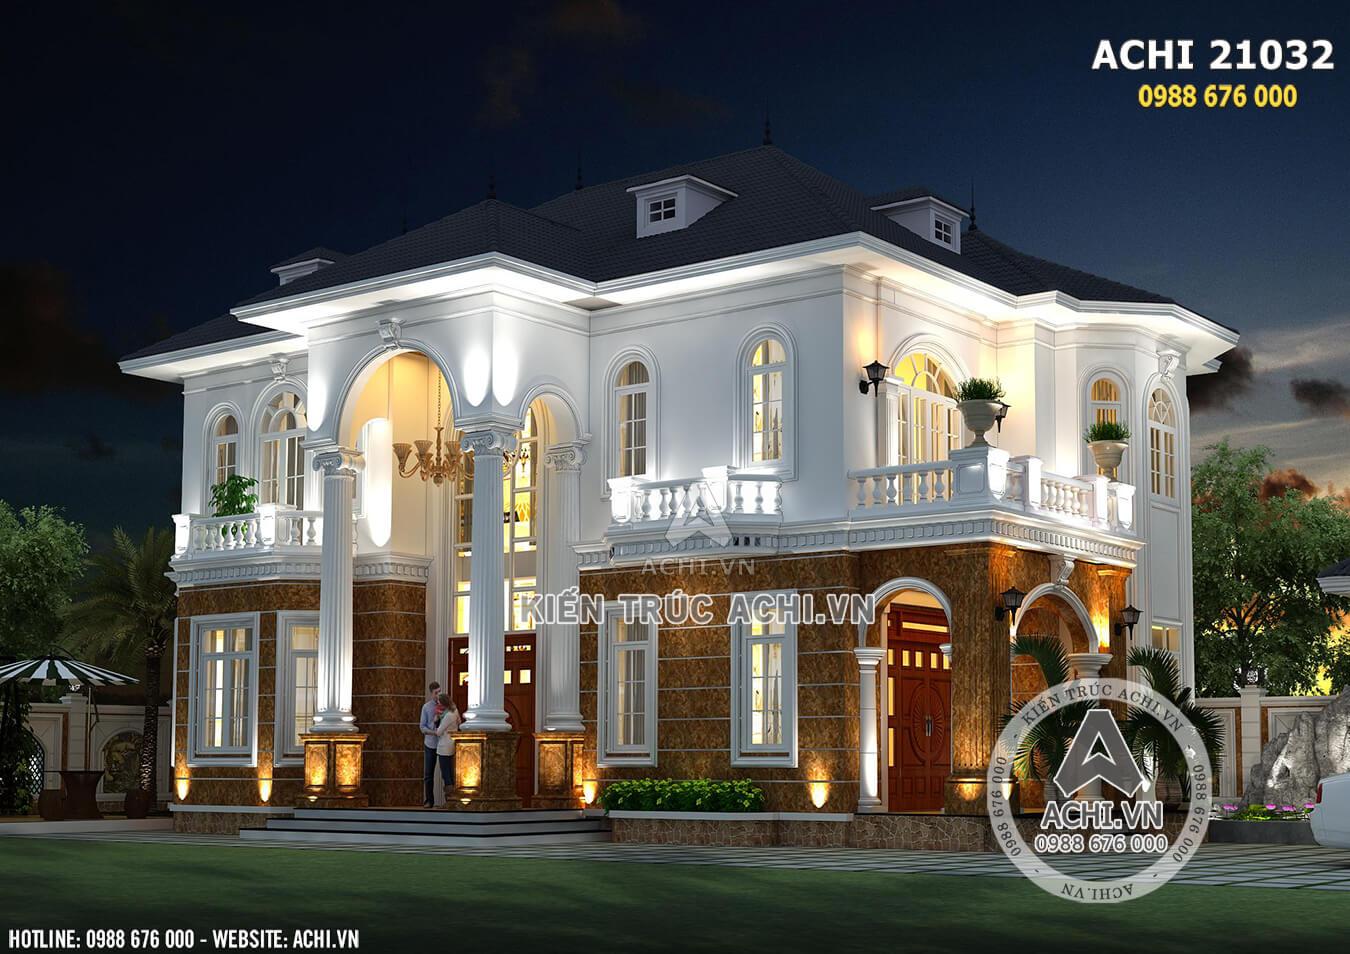 Không gian ngoại thất mẫu biệt thự 2 tầng tân cổ điển đẹp tại Quảng Bình - Mã số: 21032